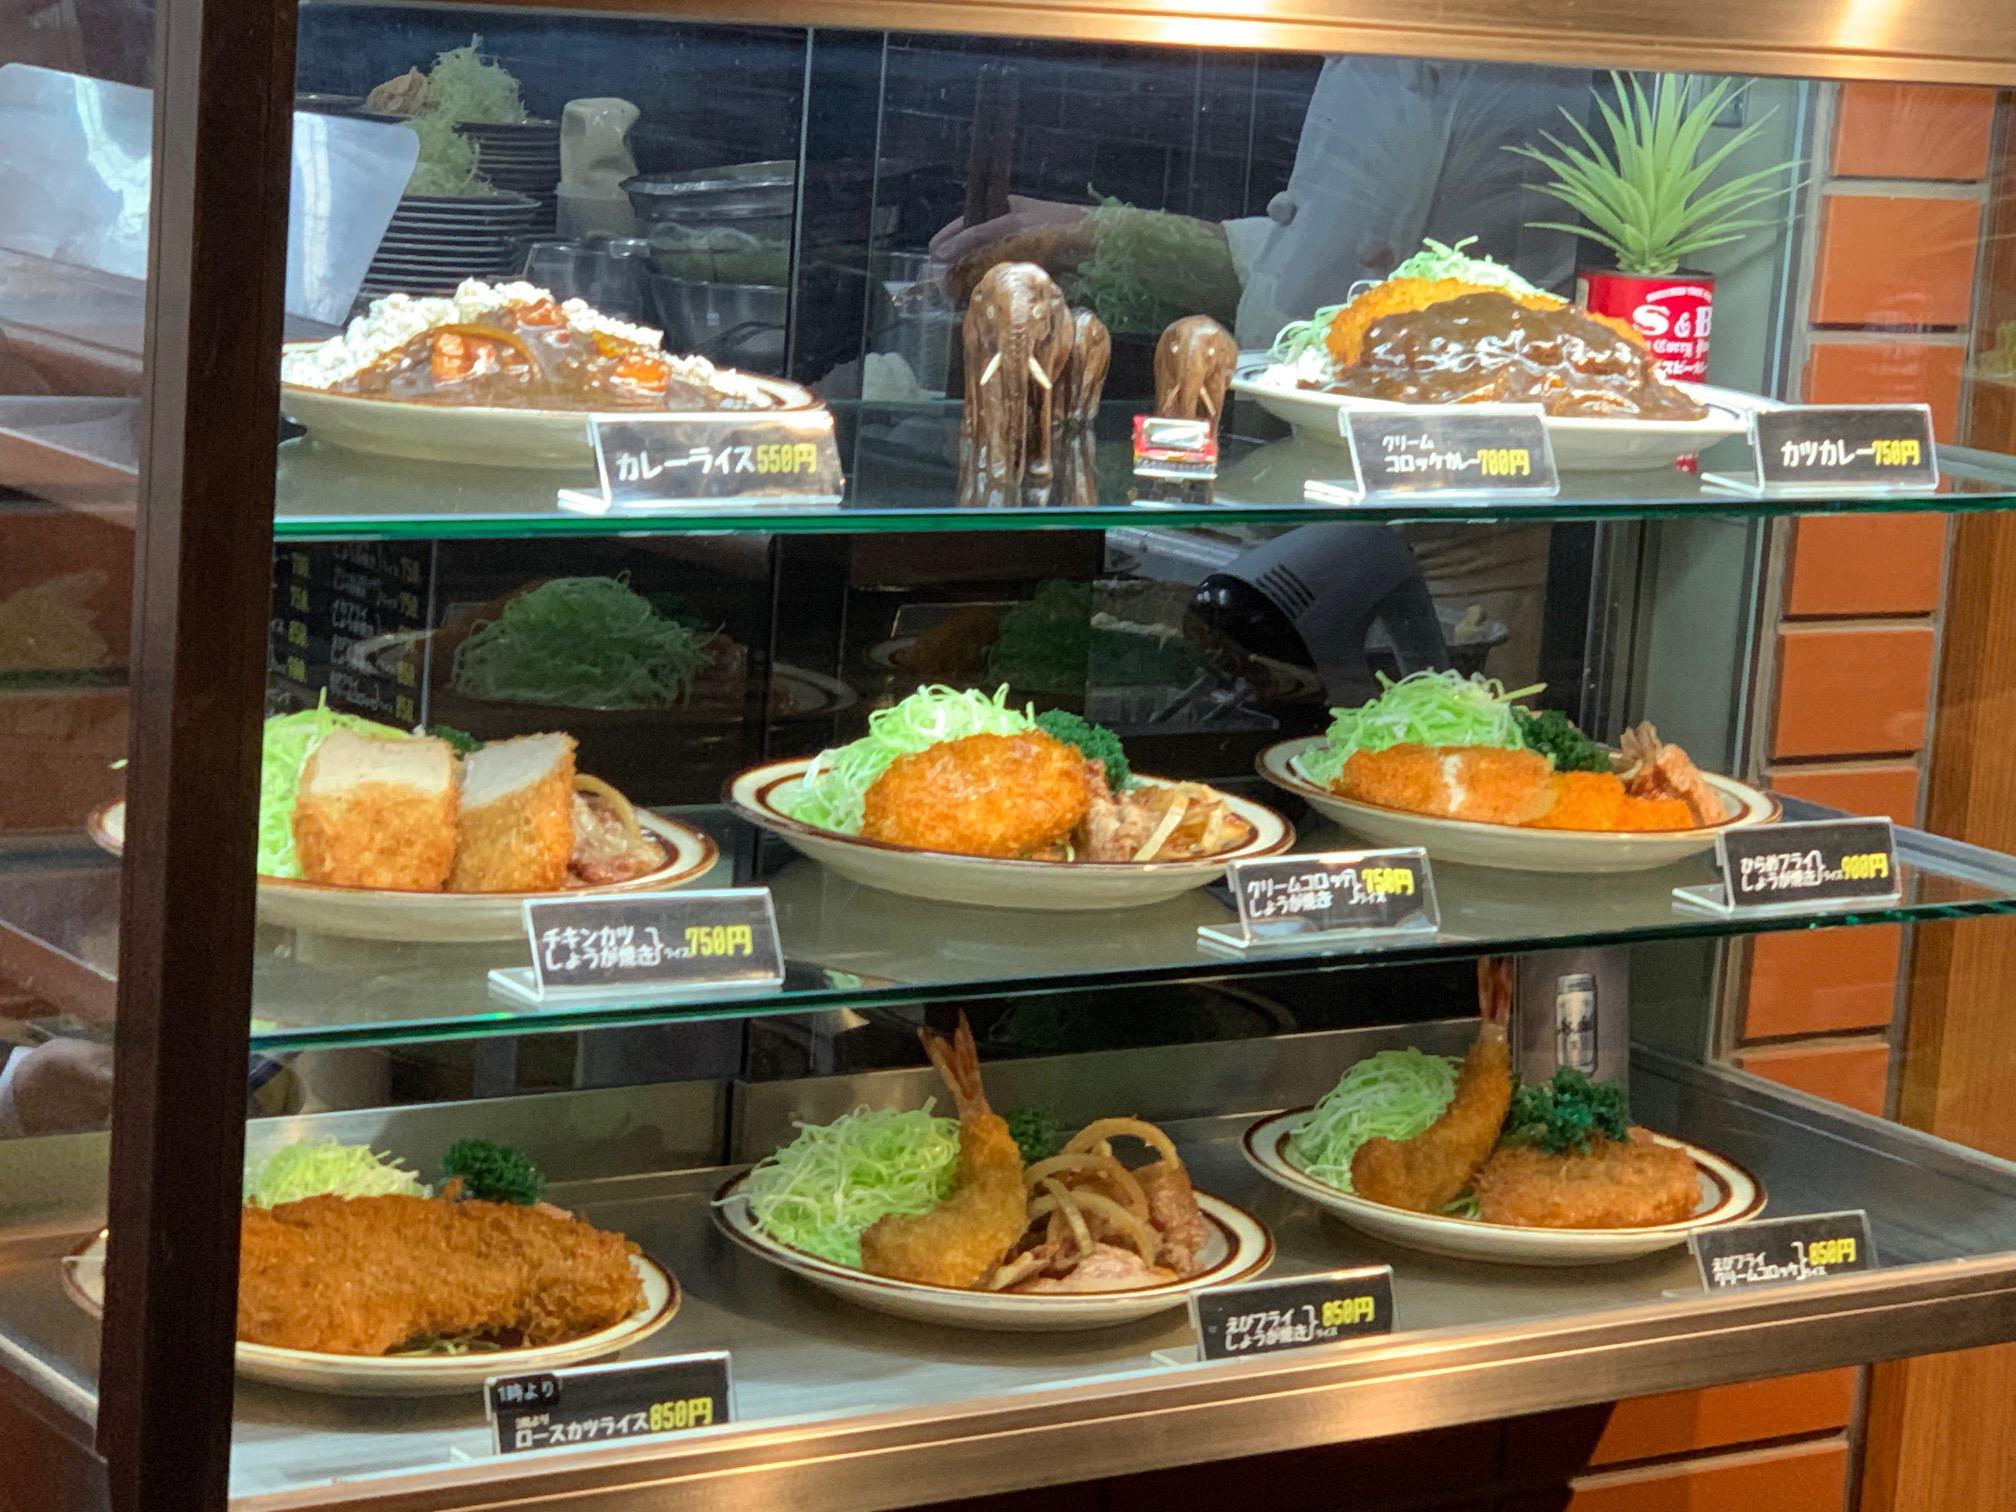 ランチで出来るだけ色々な飲食店で食事をしてみるのもビジネスの学びになります